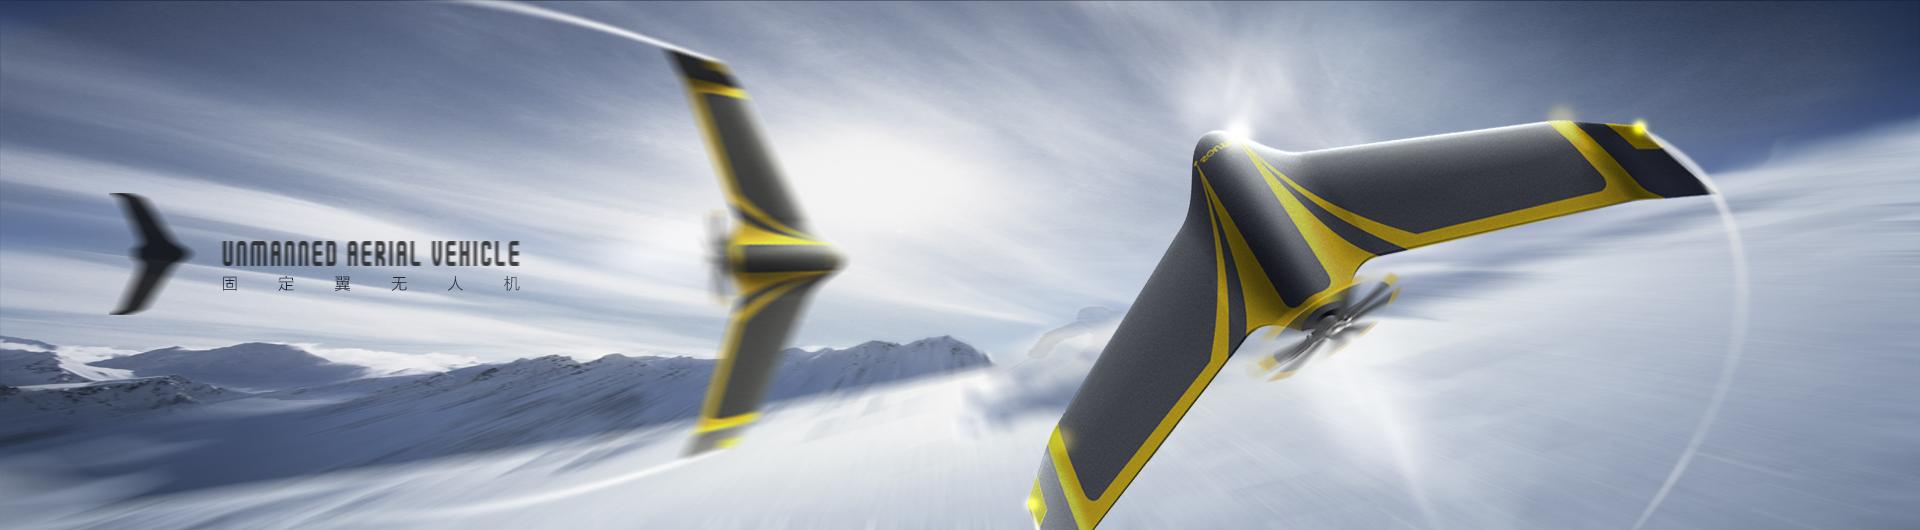 旋翼无人机